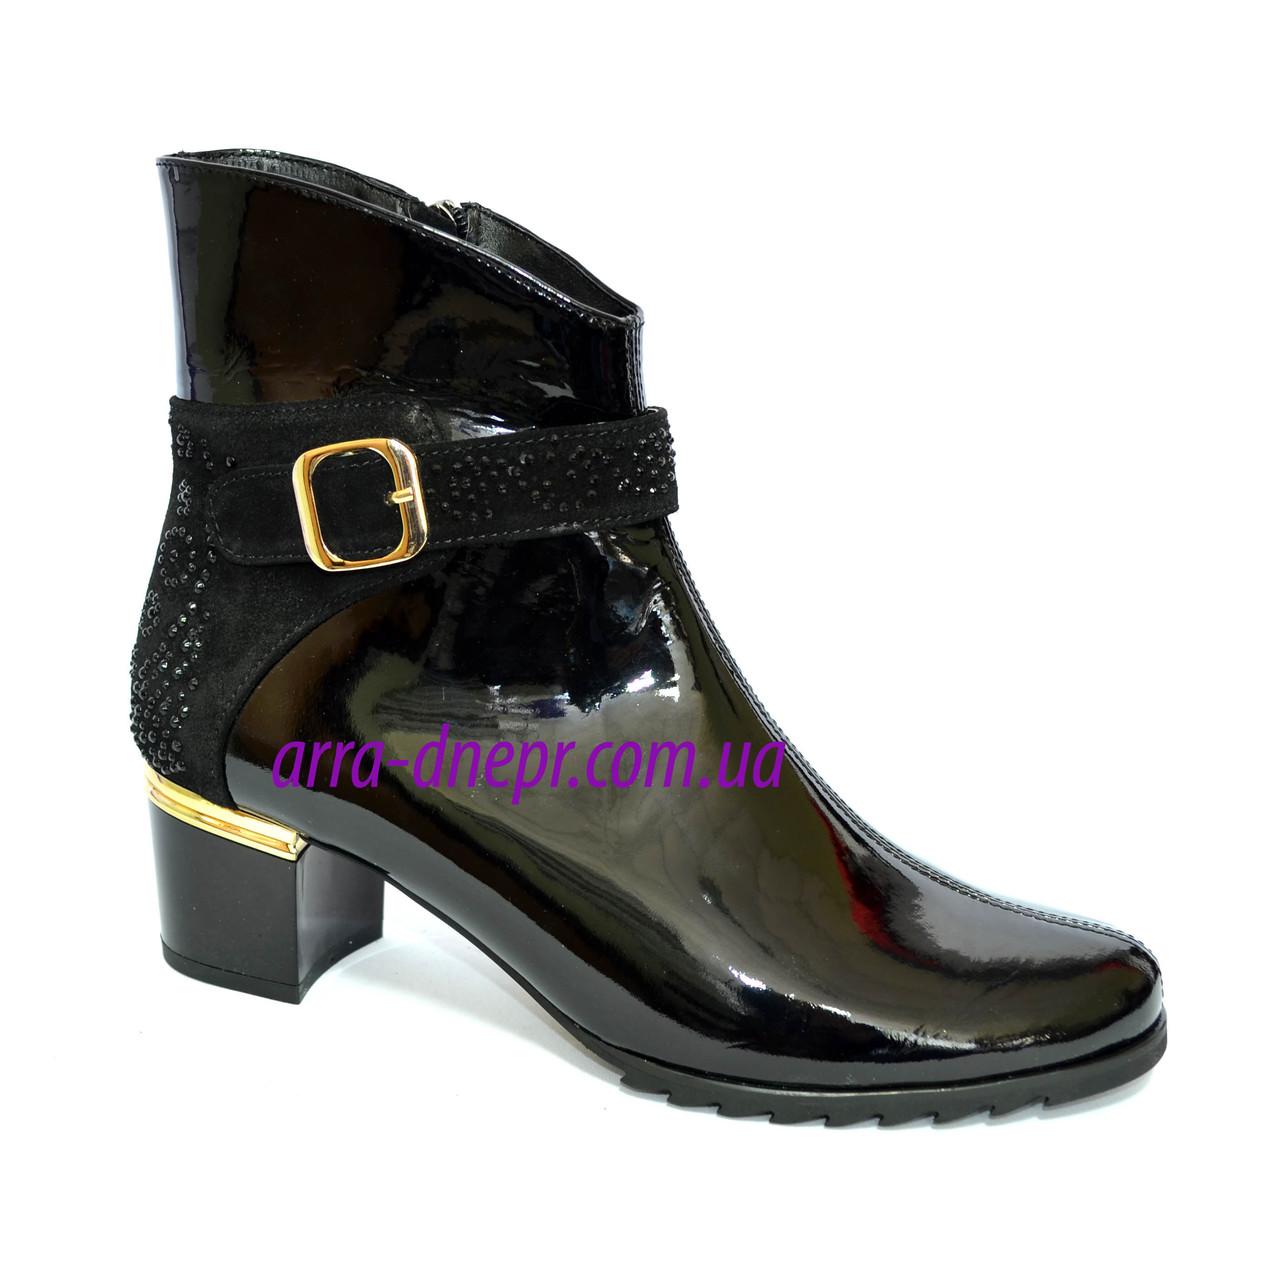 Стильные женские зимние ботинки, натуральная черная лаковая кожа и замша.